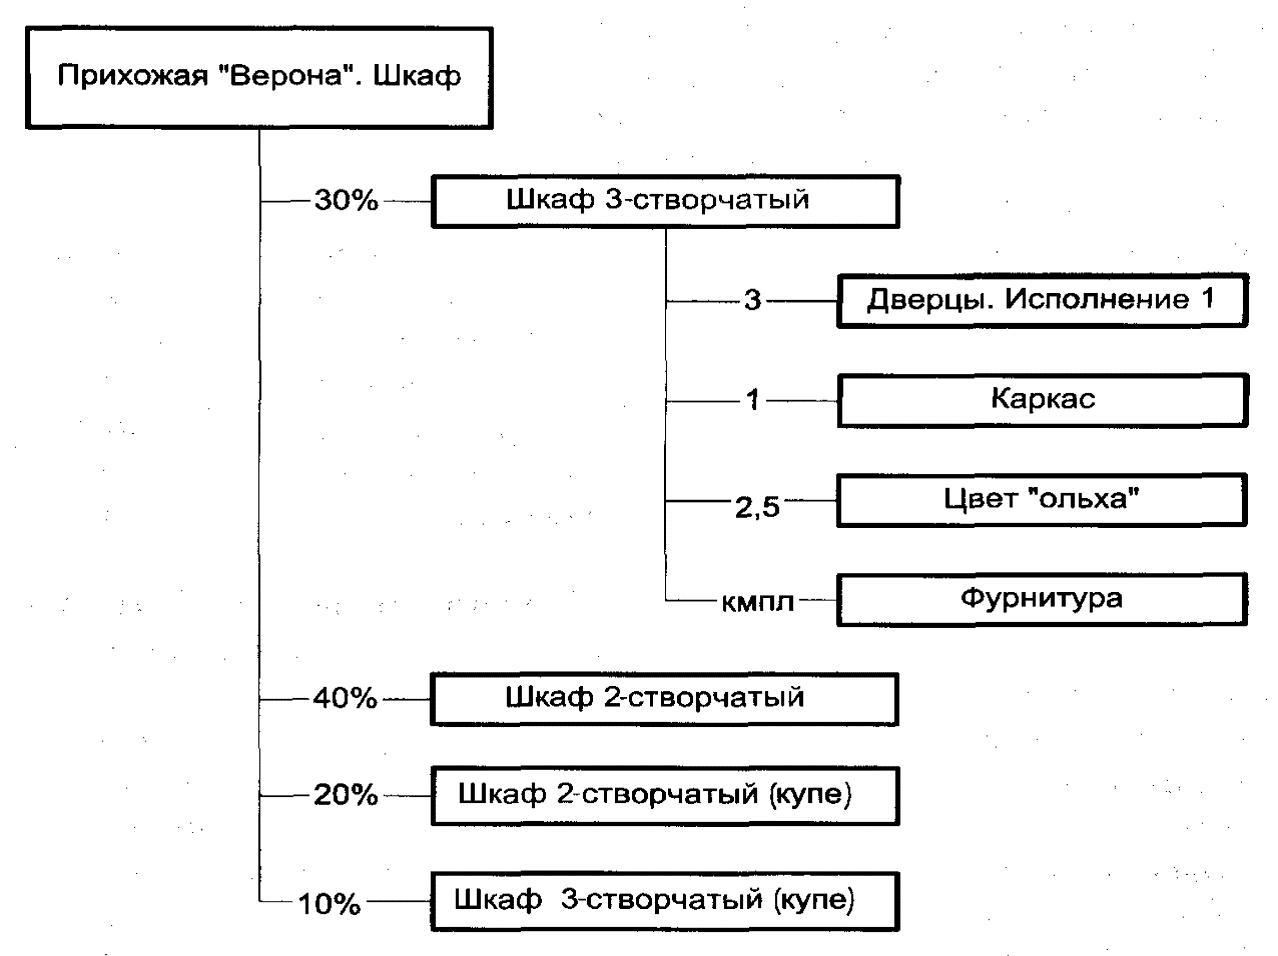 Пример плановой спецификации